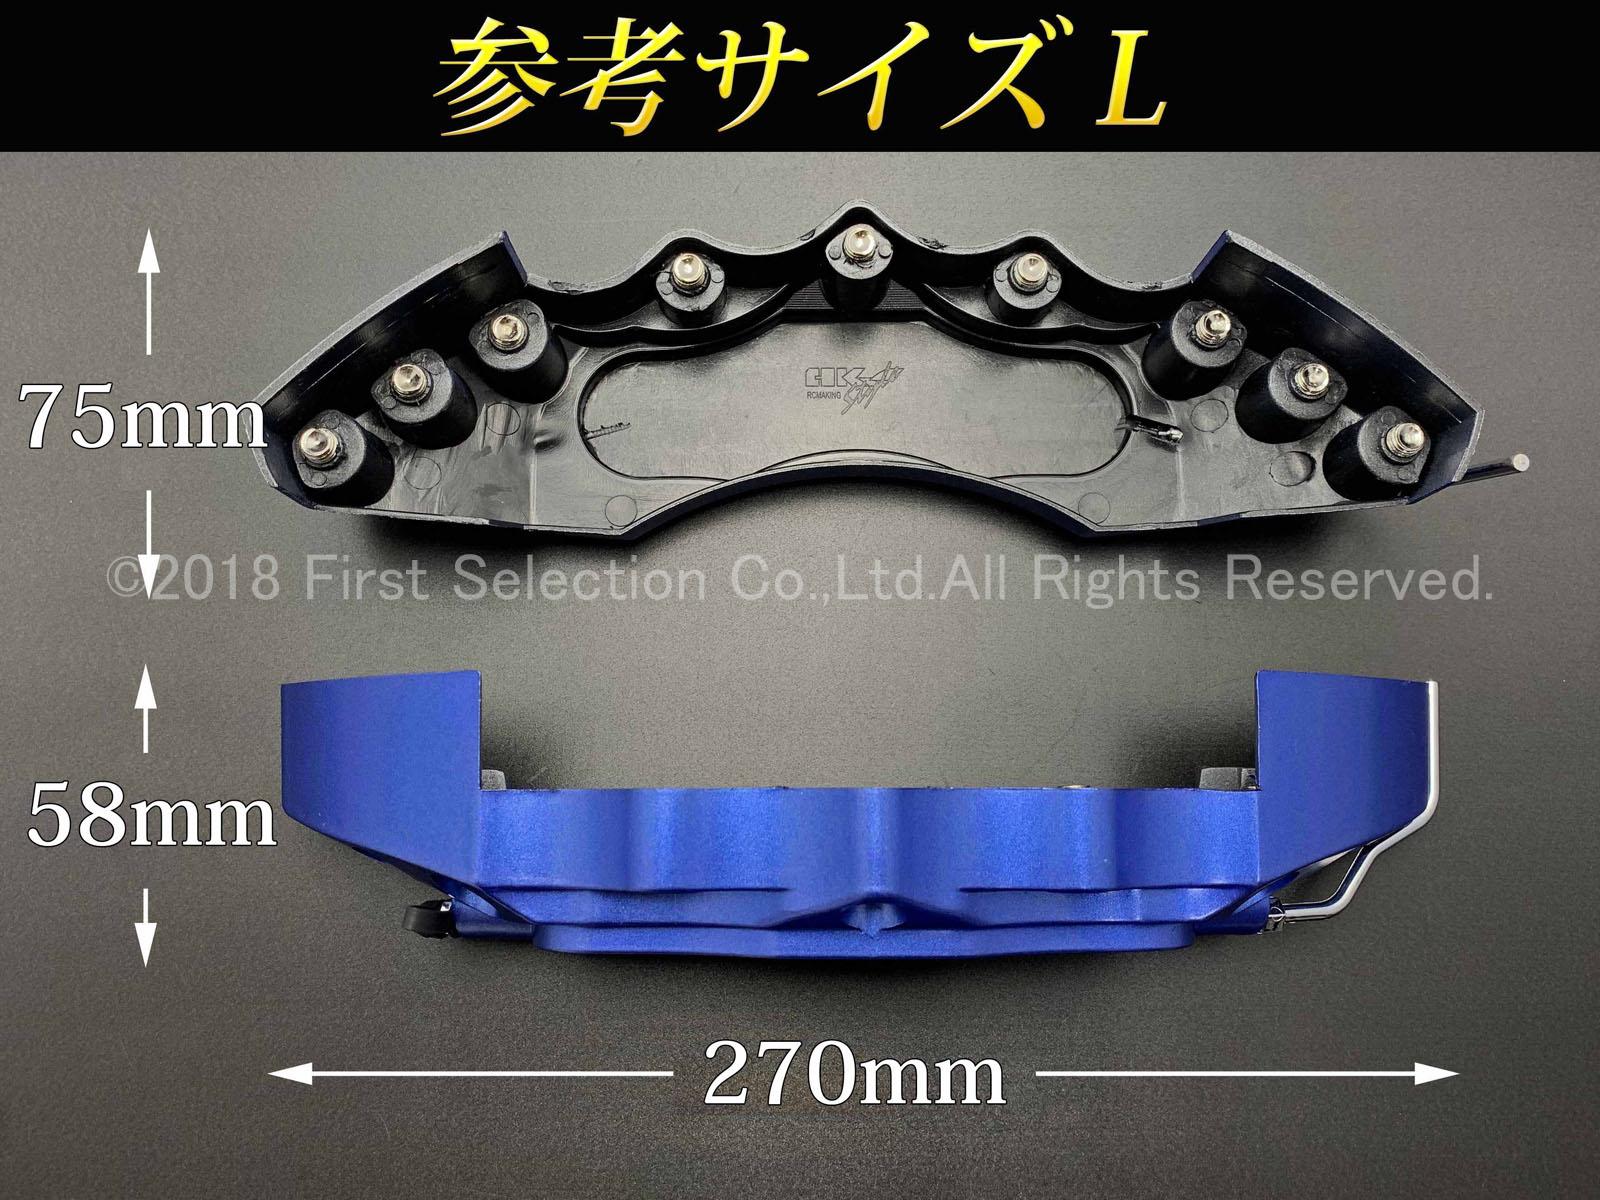 アウディ車 Audi Sportロゴ銀文字 汎用高品質キャリパーカバーL/Mサイズセット M青 メタリックブルー